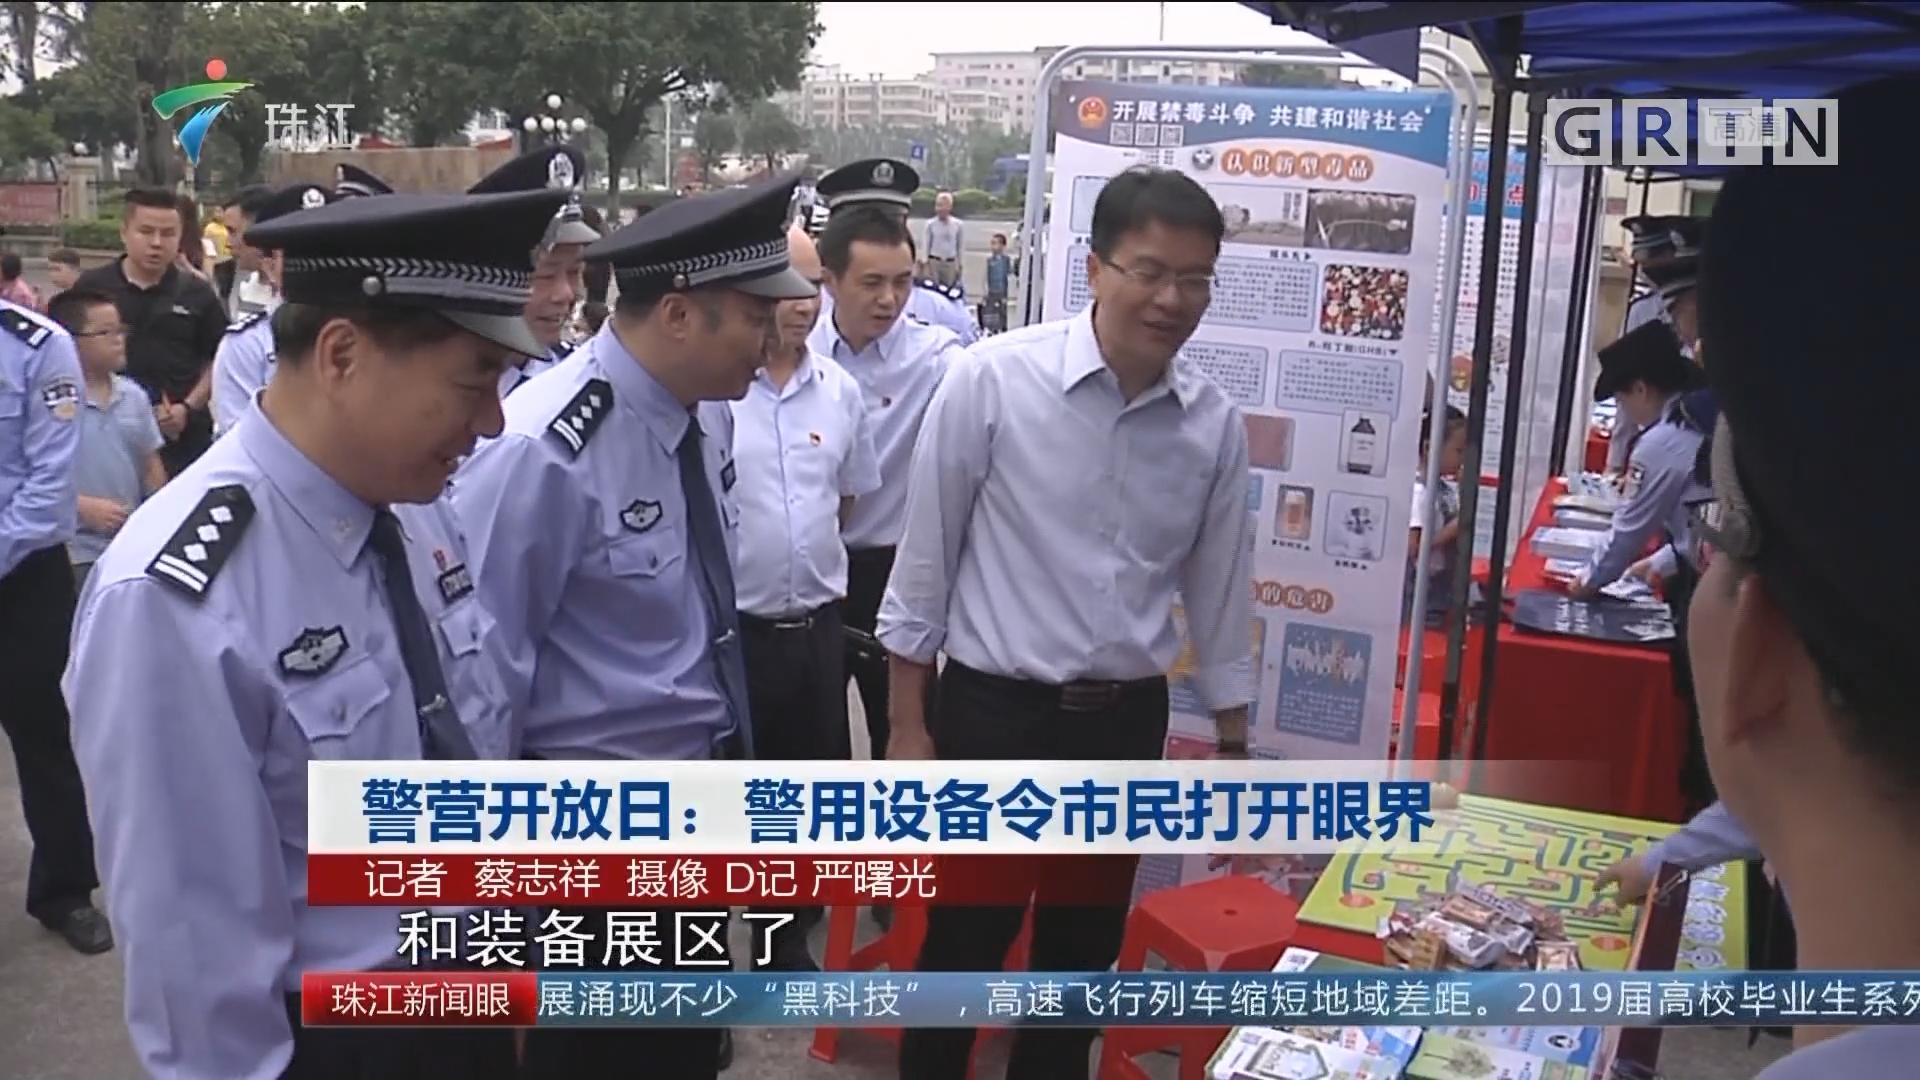 警营开放日:警用设备令市民打开眼界